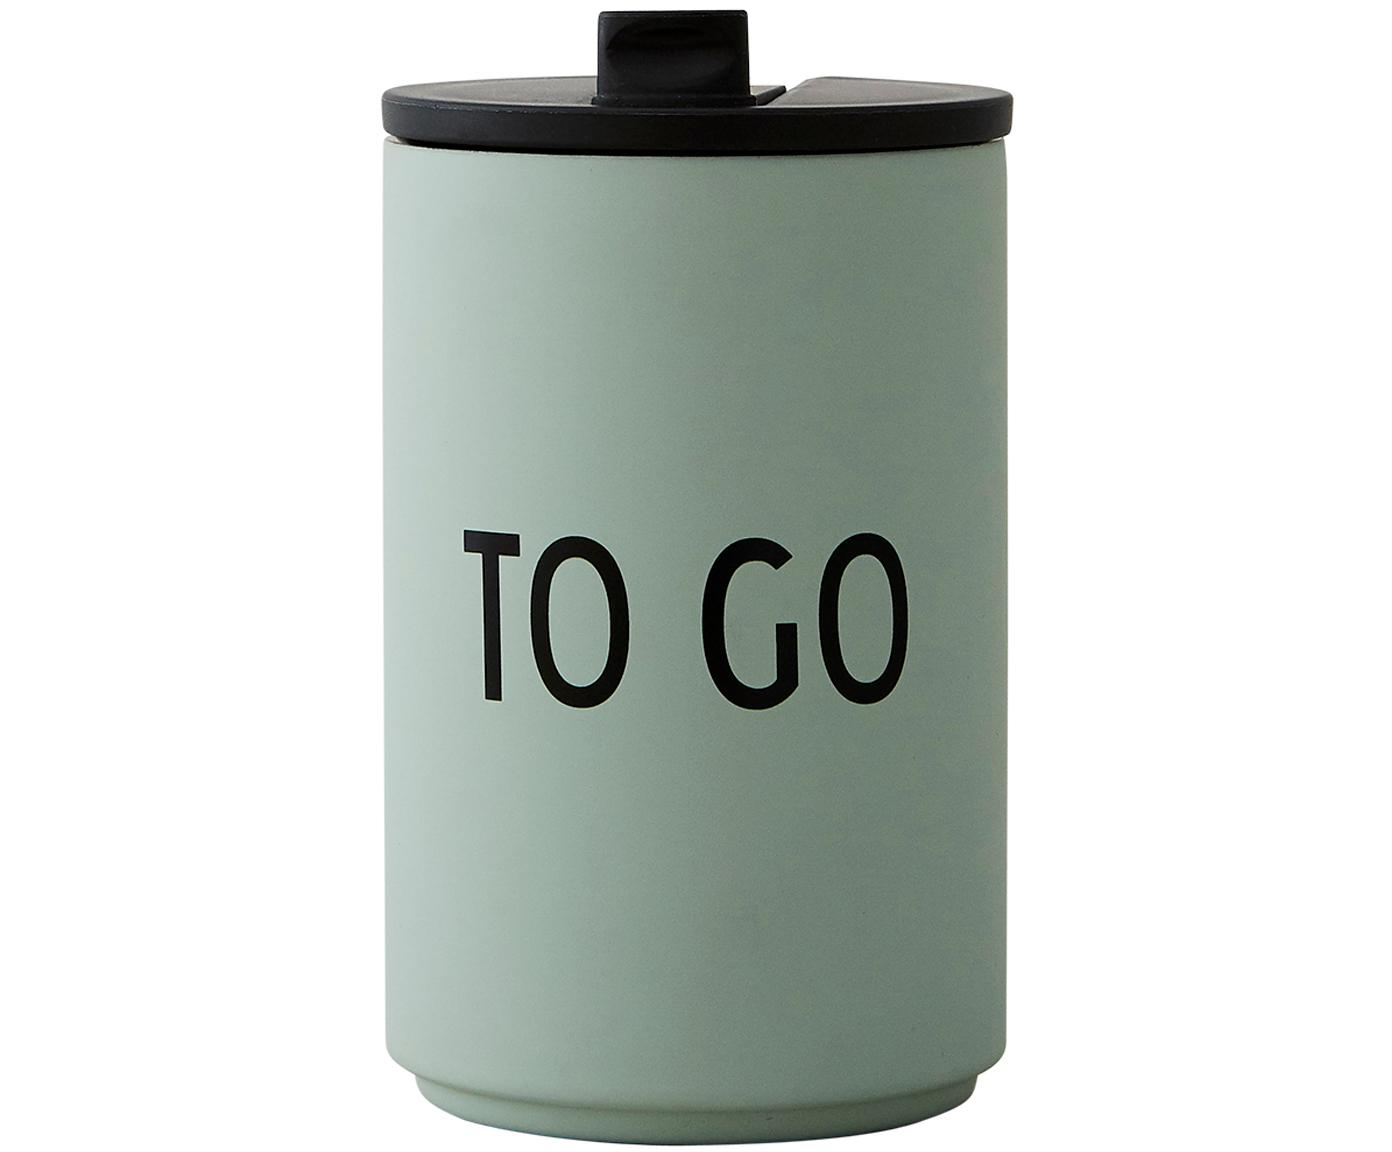 Design Coffee-to-go-Becher Favourite TO GO mit Schriftzug, Edelstahl, beschichtet, Grün, Ø 8 x H 13 cm